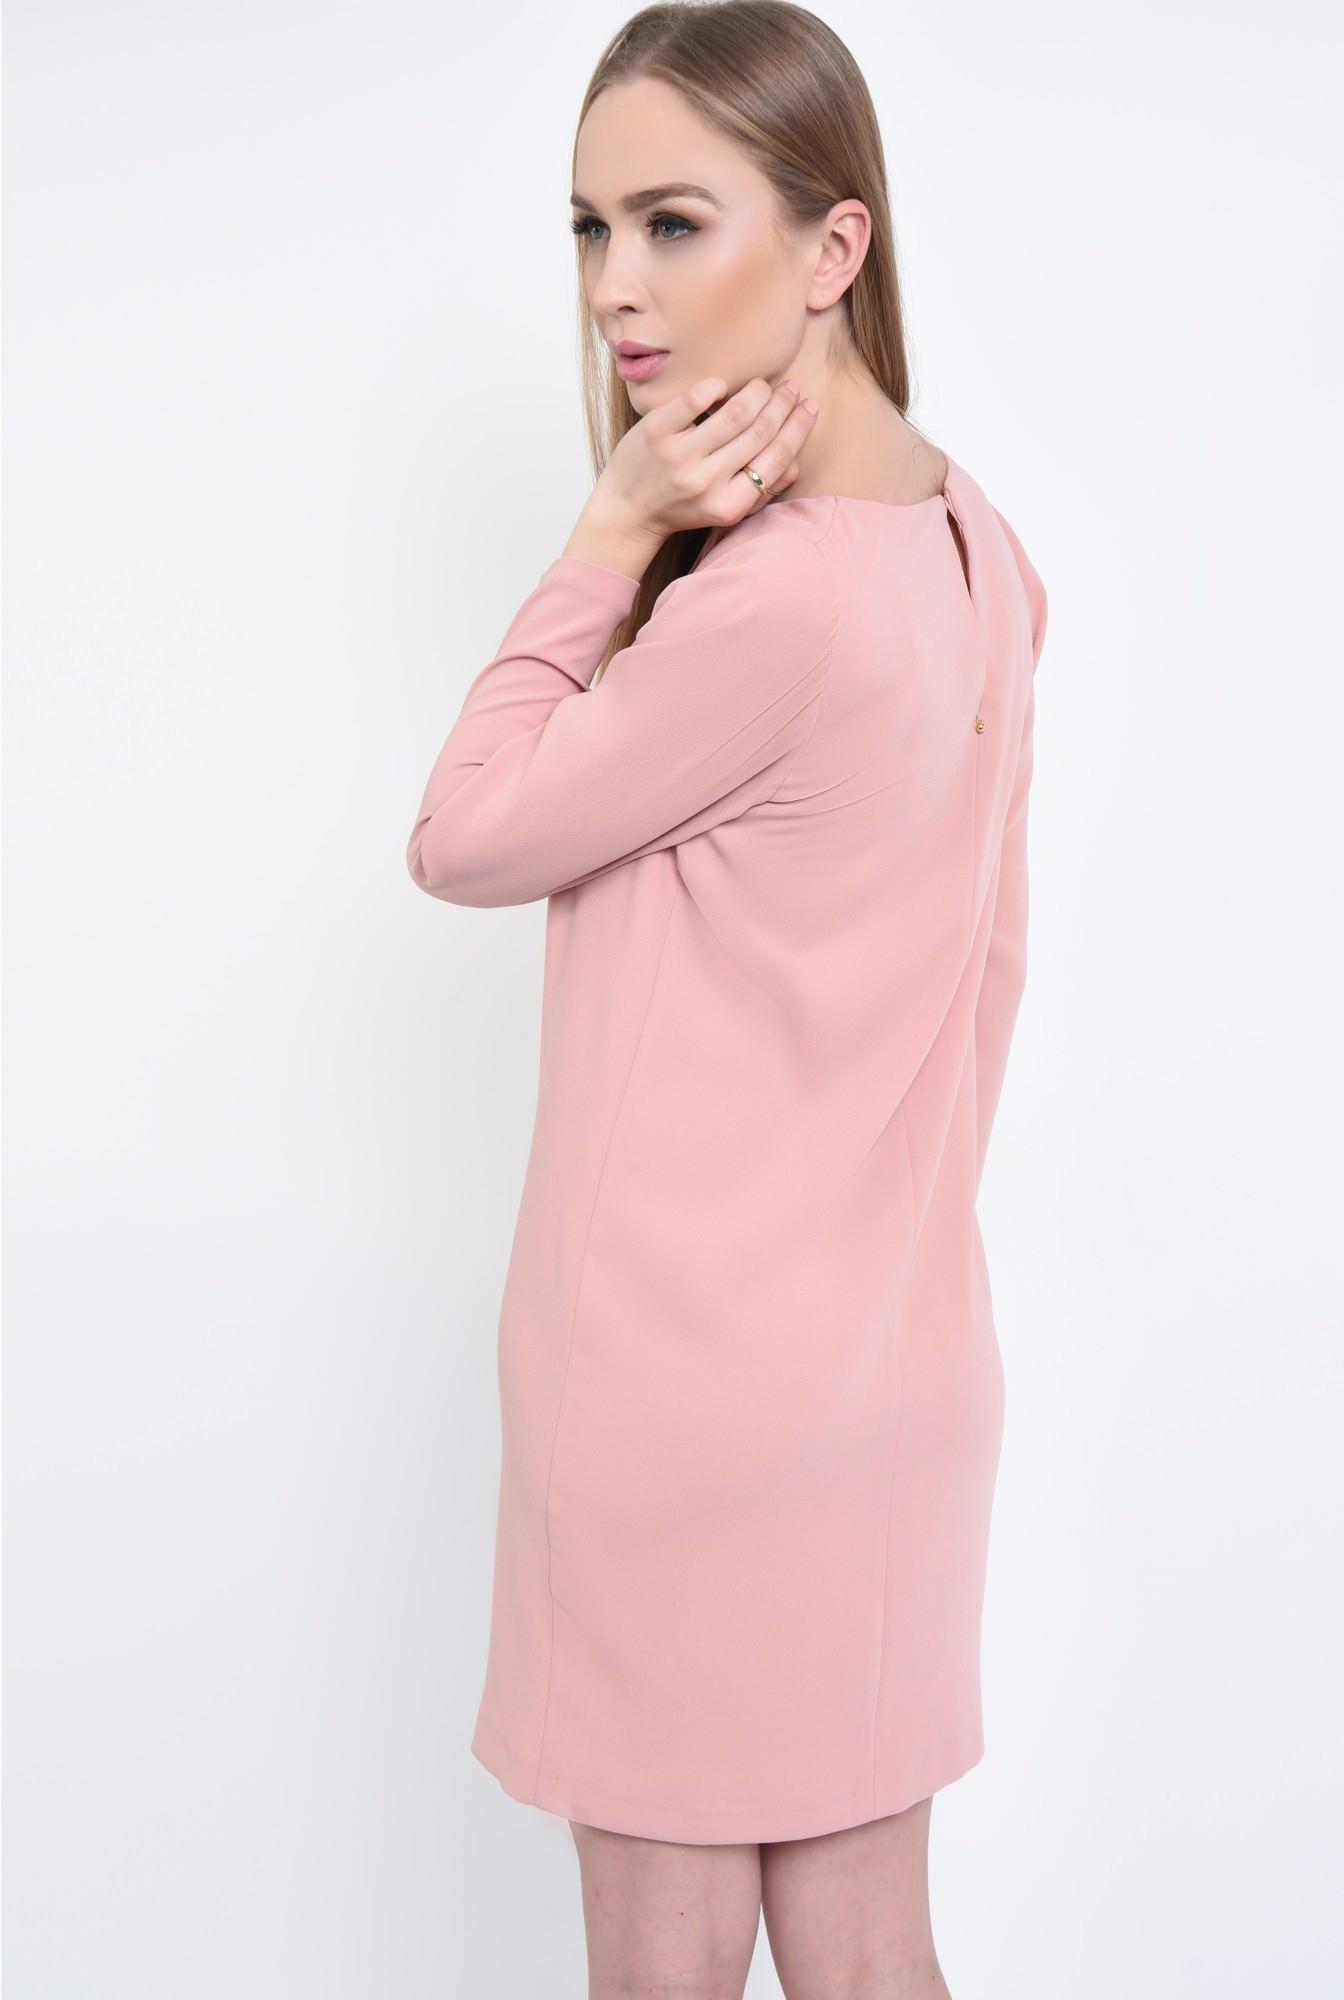 1 - Rochie casual scurta, roz